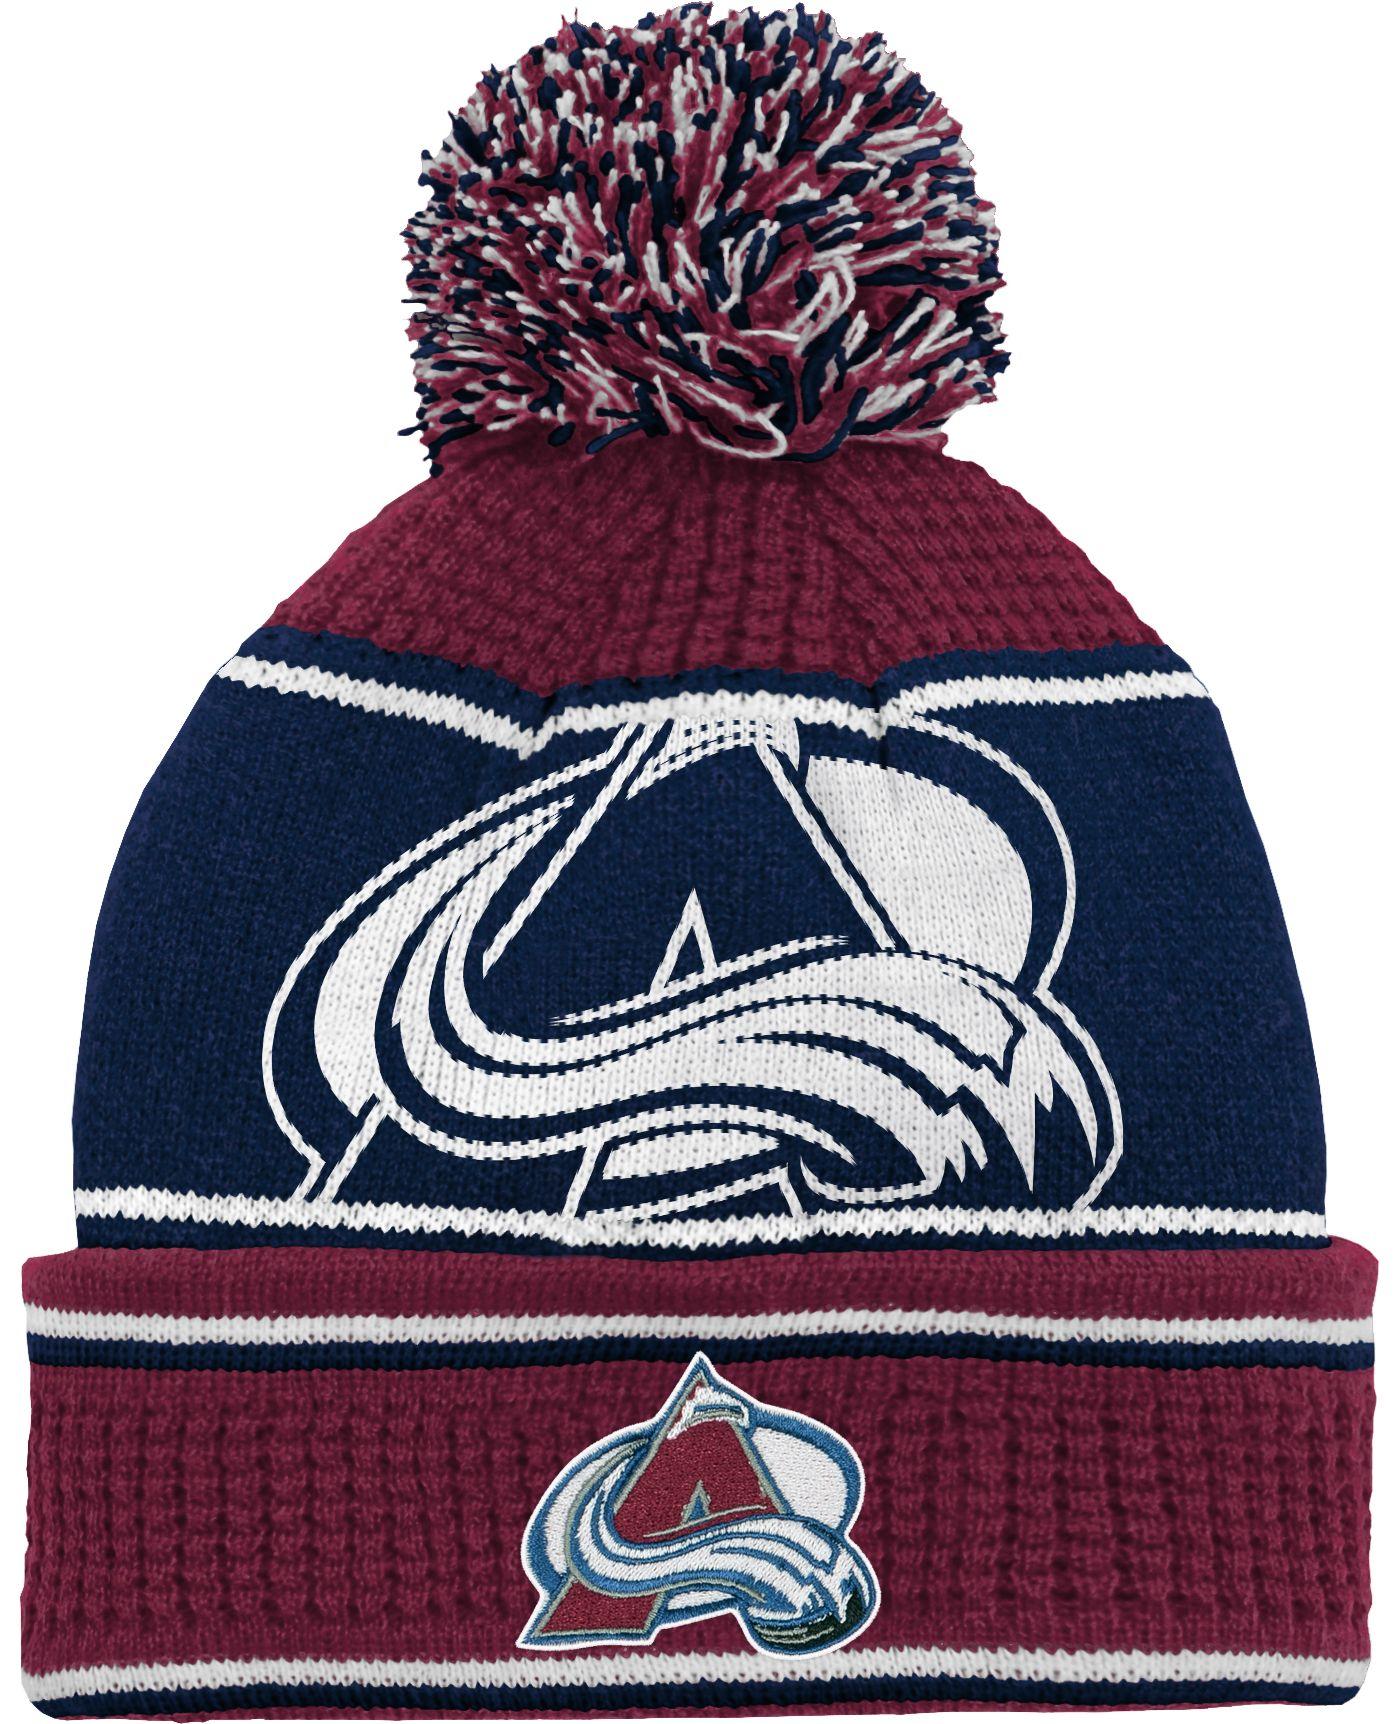 NHL Youth Colorado Avalanche Grind Cuff Pom Knit Beanie